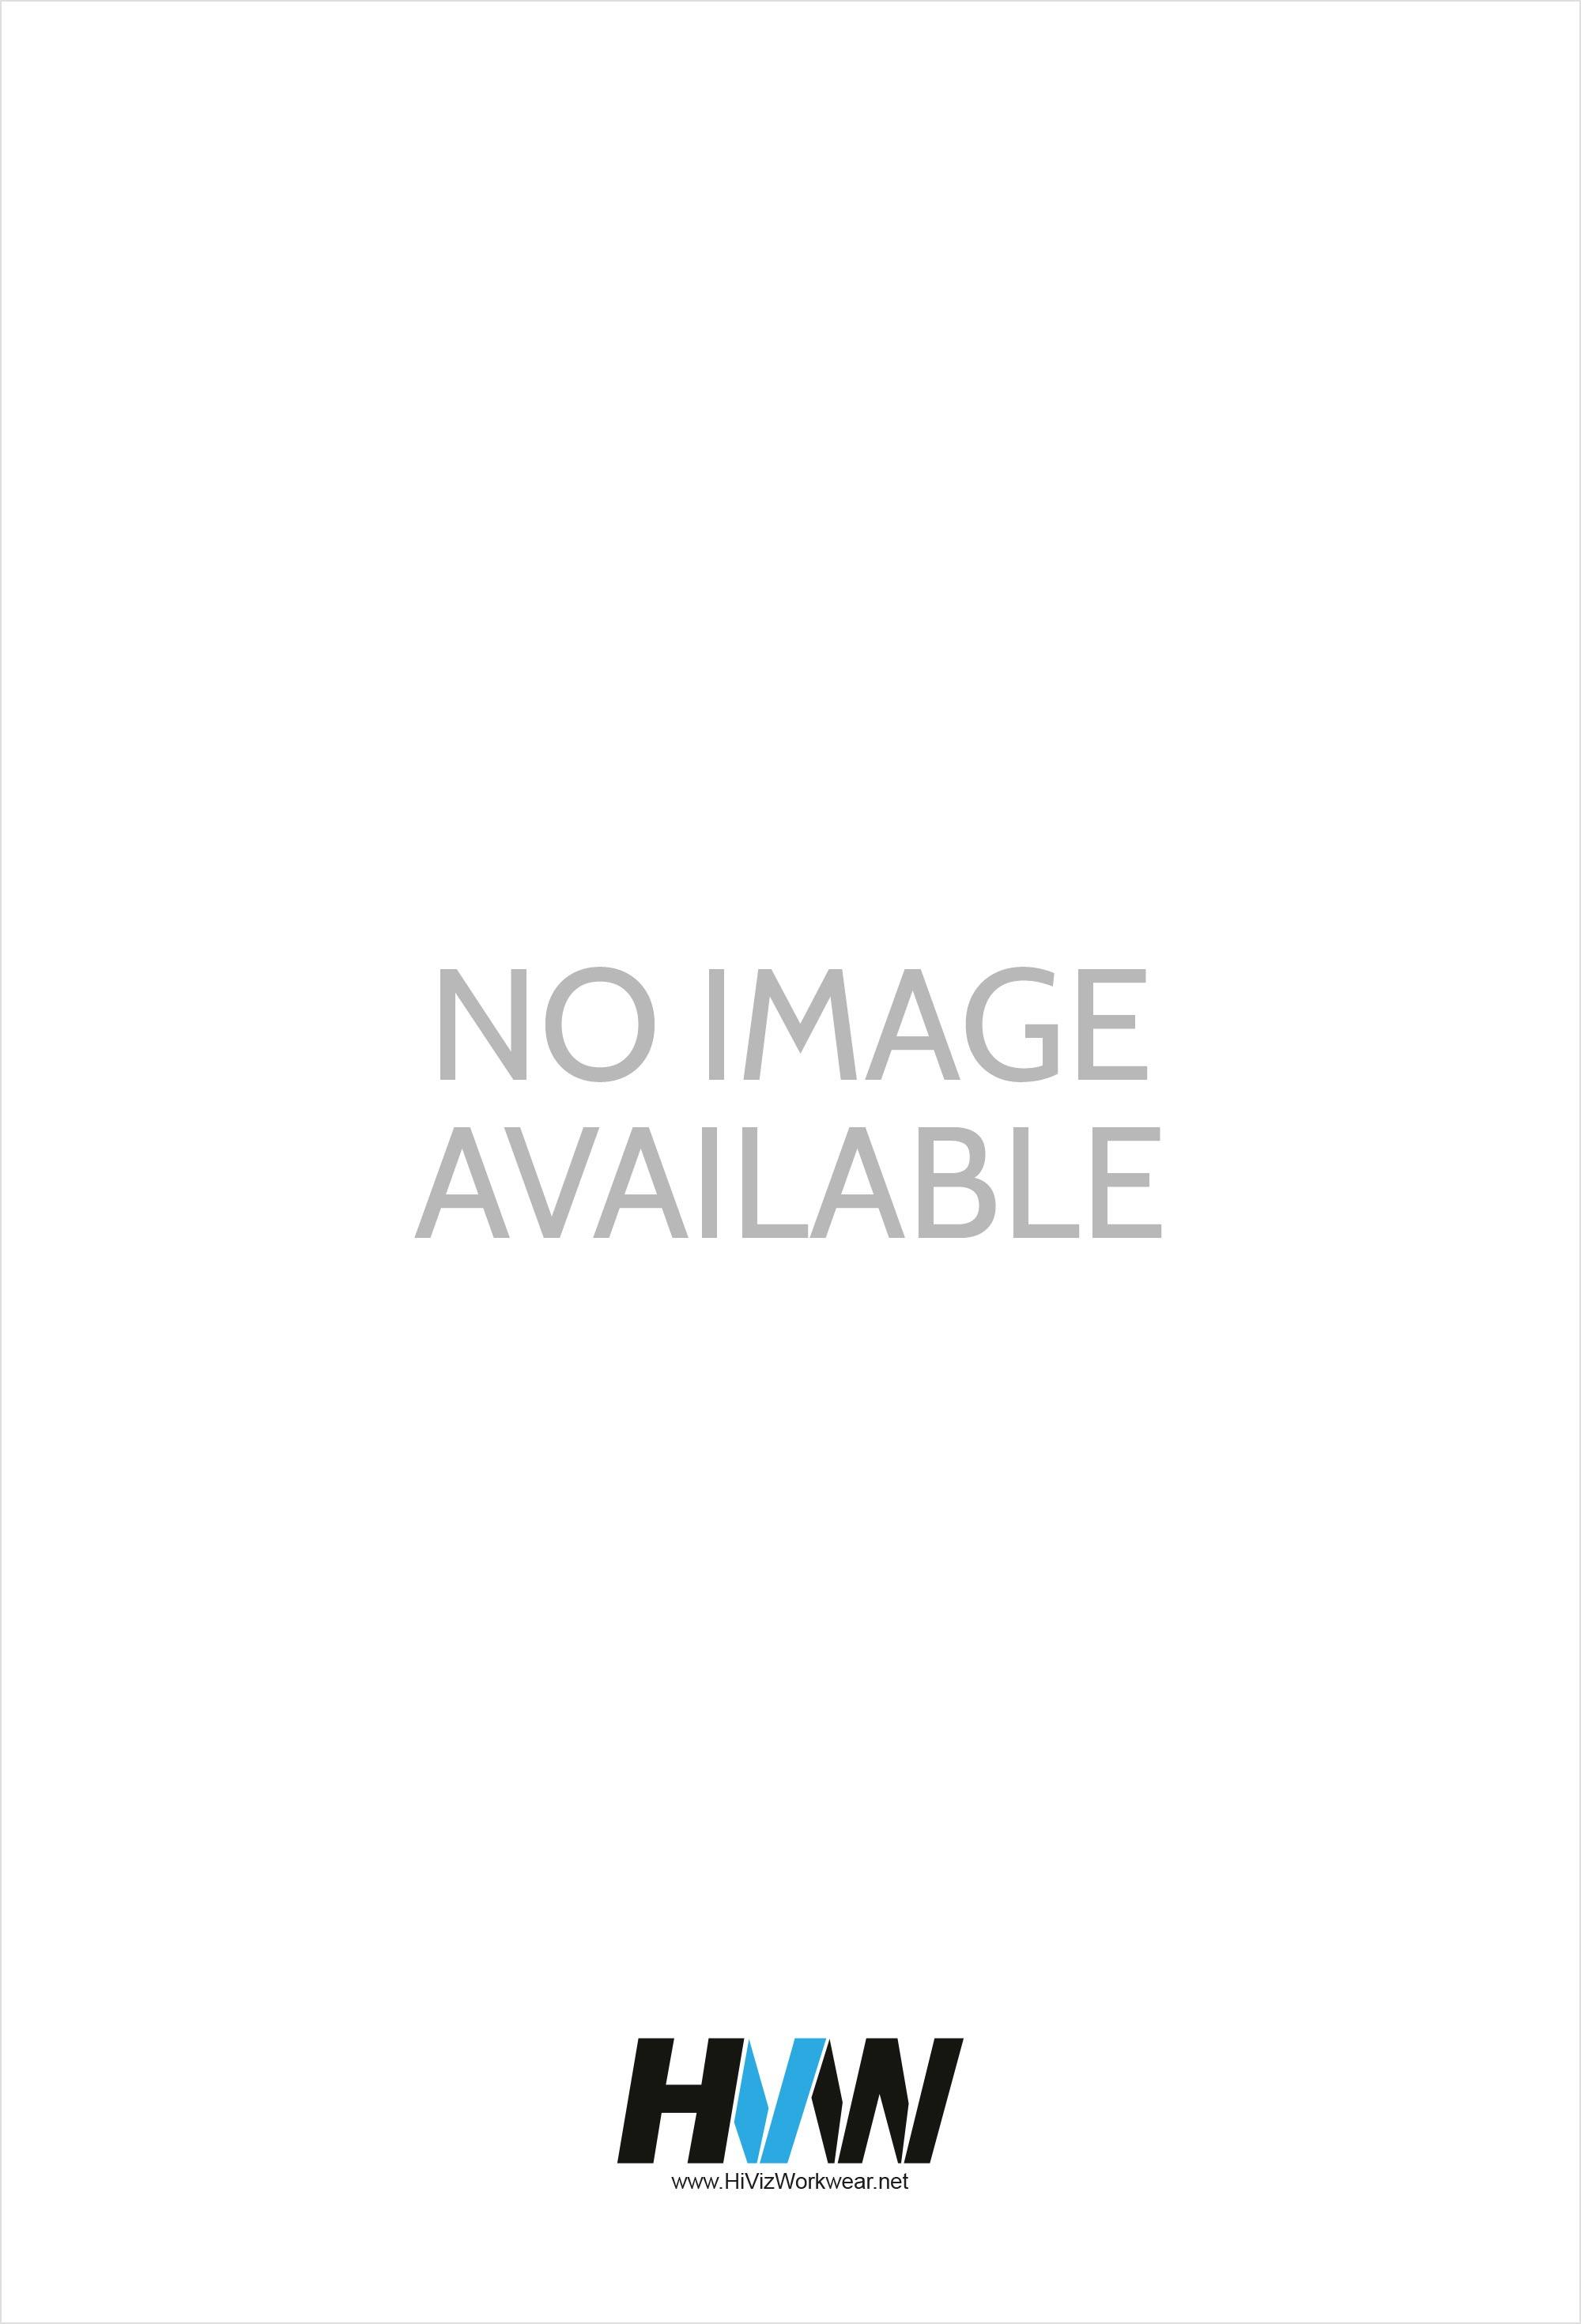 Russell J262M Set-In-Sleeve Sweatshirt